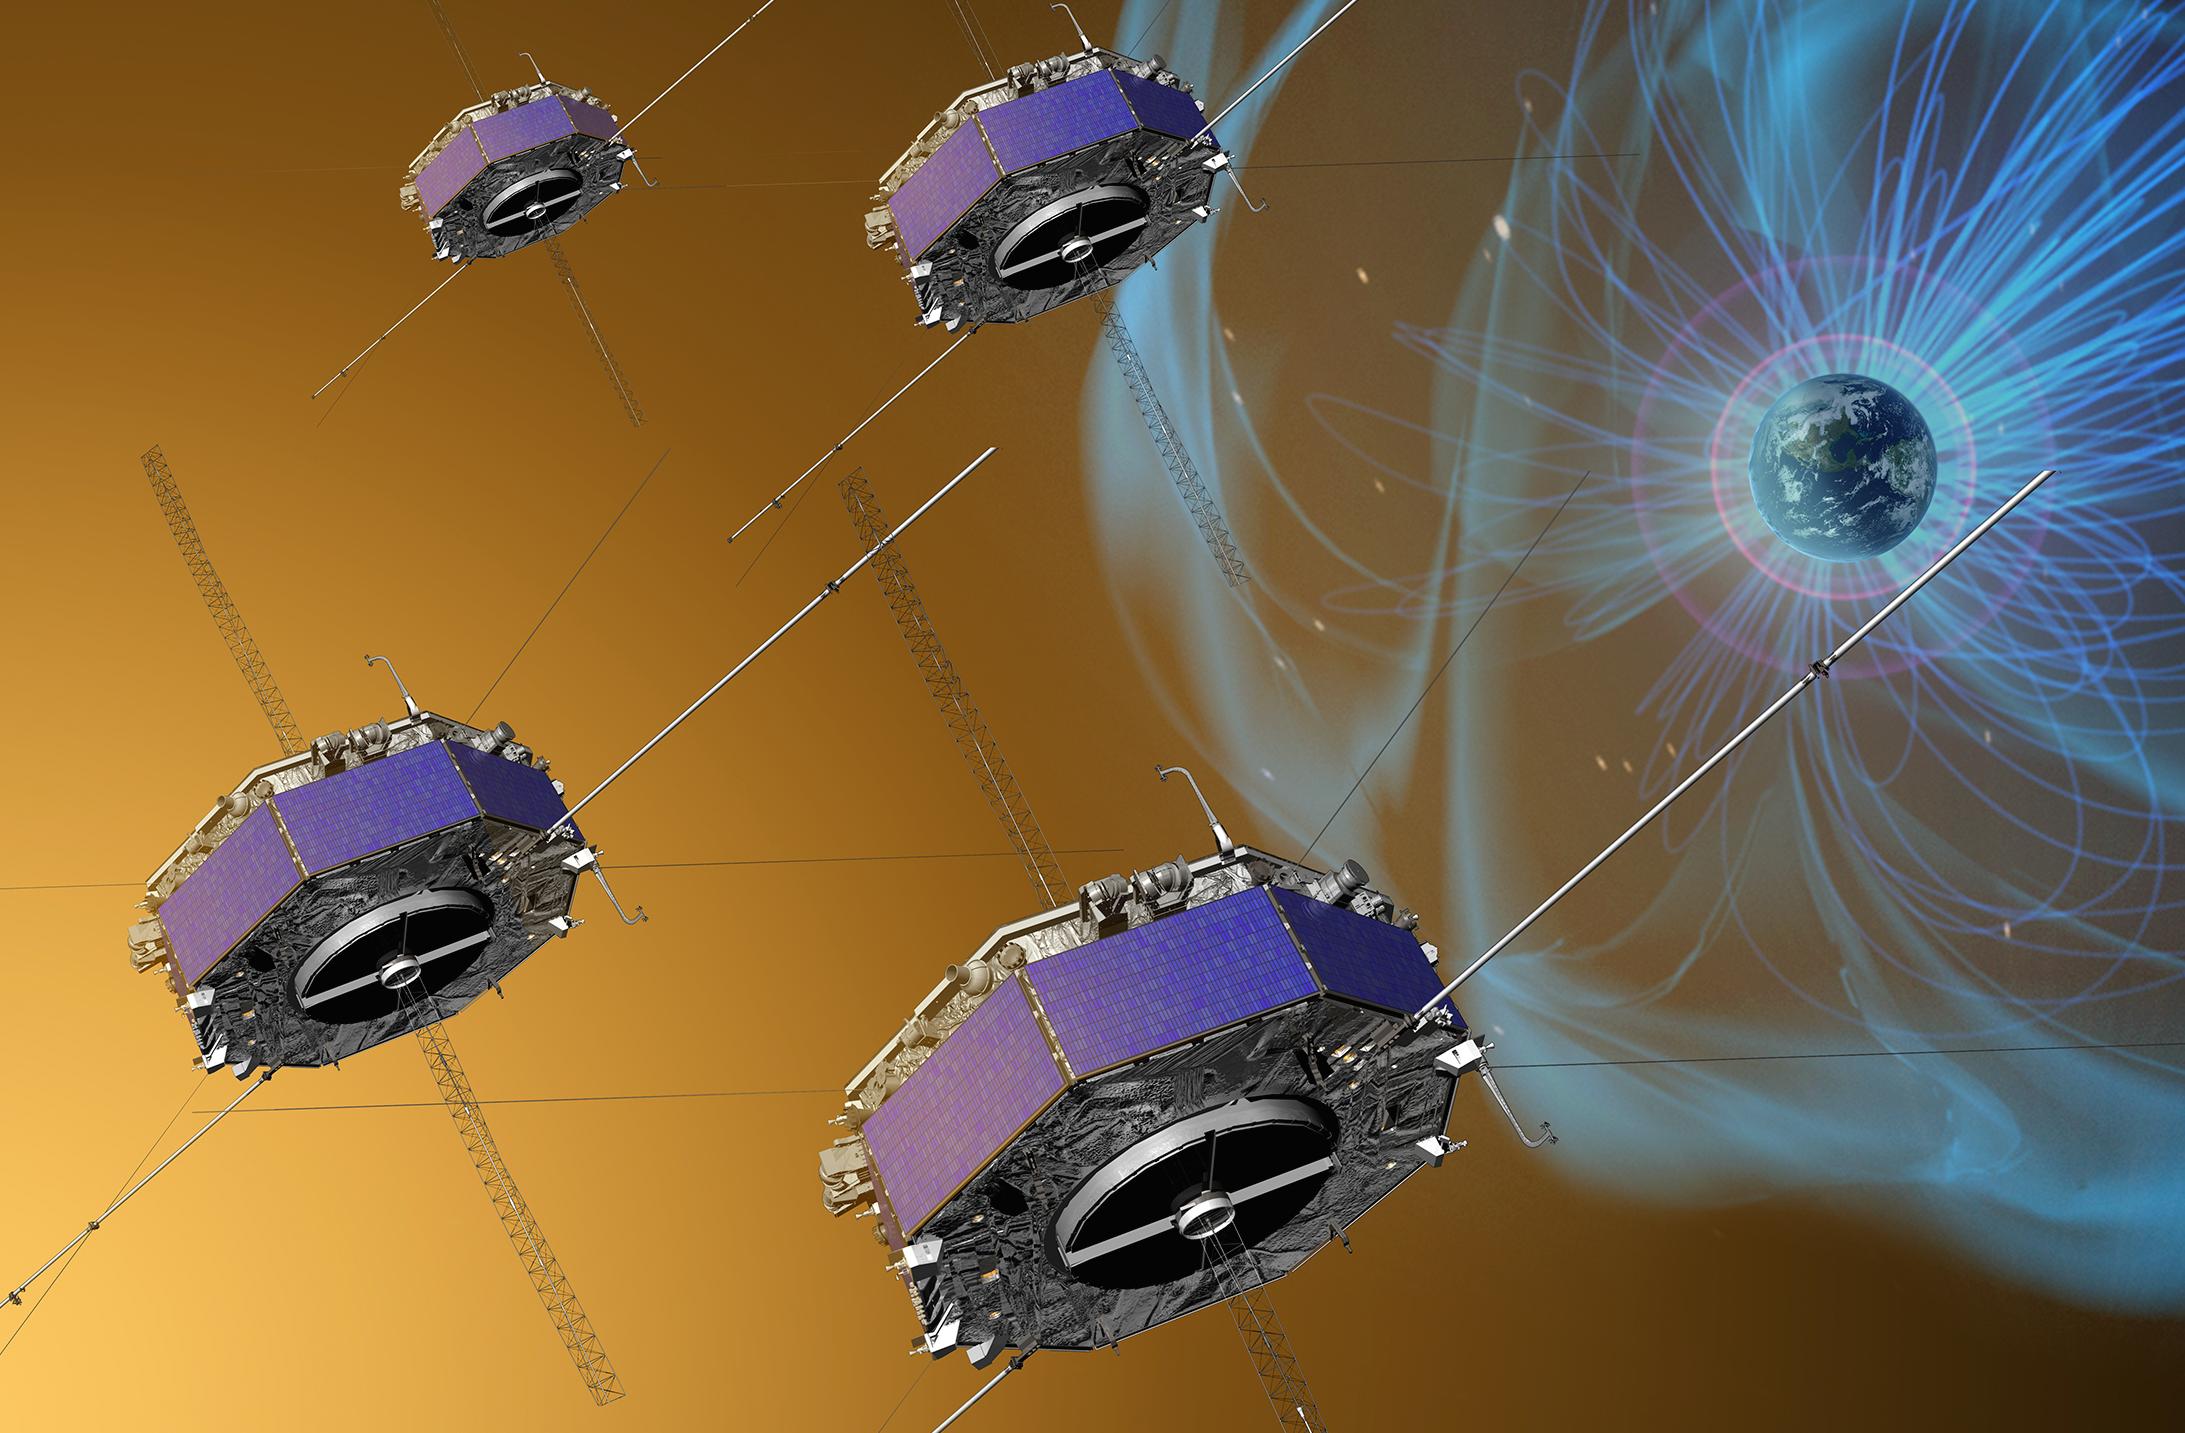 """Magnetospheric Multiscale Mission (MMS)— миссия <abbr title=""""NASA— Национальное управление по воздухоплаванию иисследованию космического пространства США"""">НАСА</abbr> по исследованию магнитосферы Земли"""